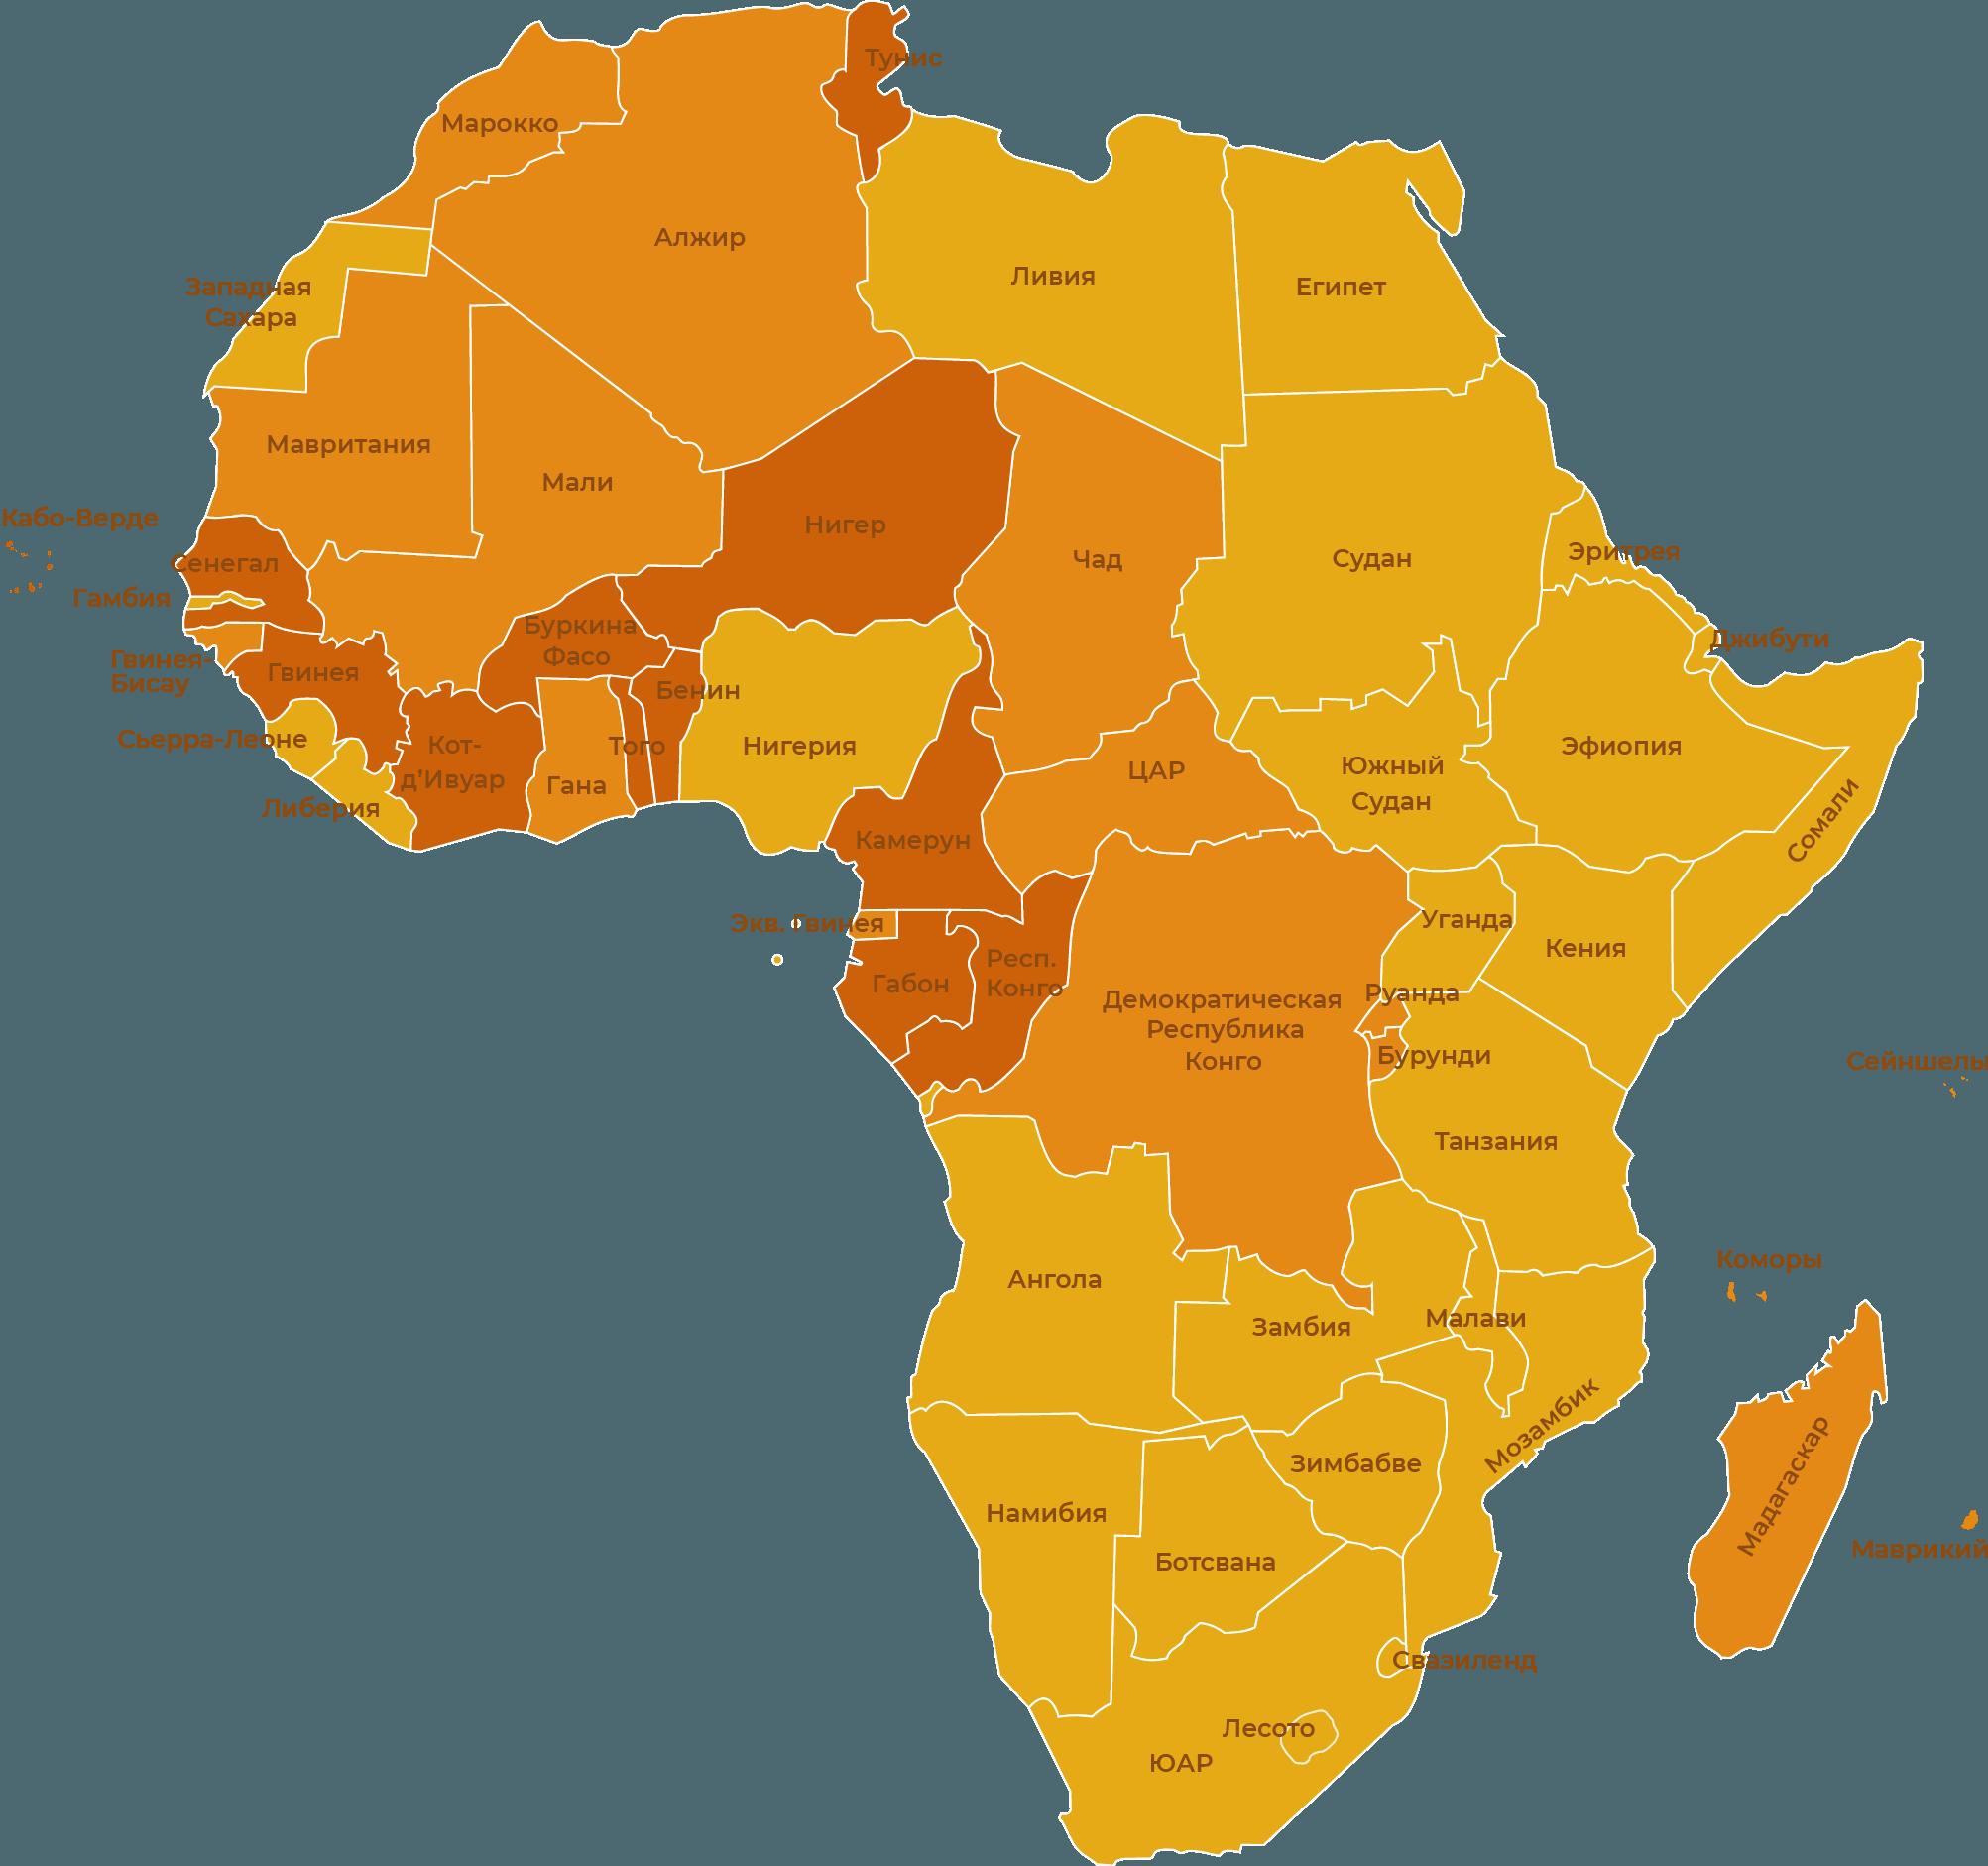 В общей сложности организации Urpanaf предстоит закрепиться в 26 странах и стать панафриканской партией.